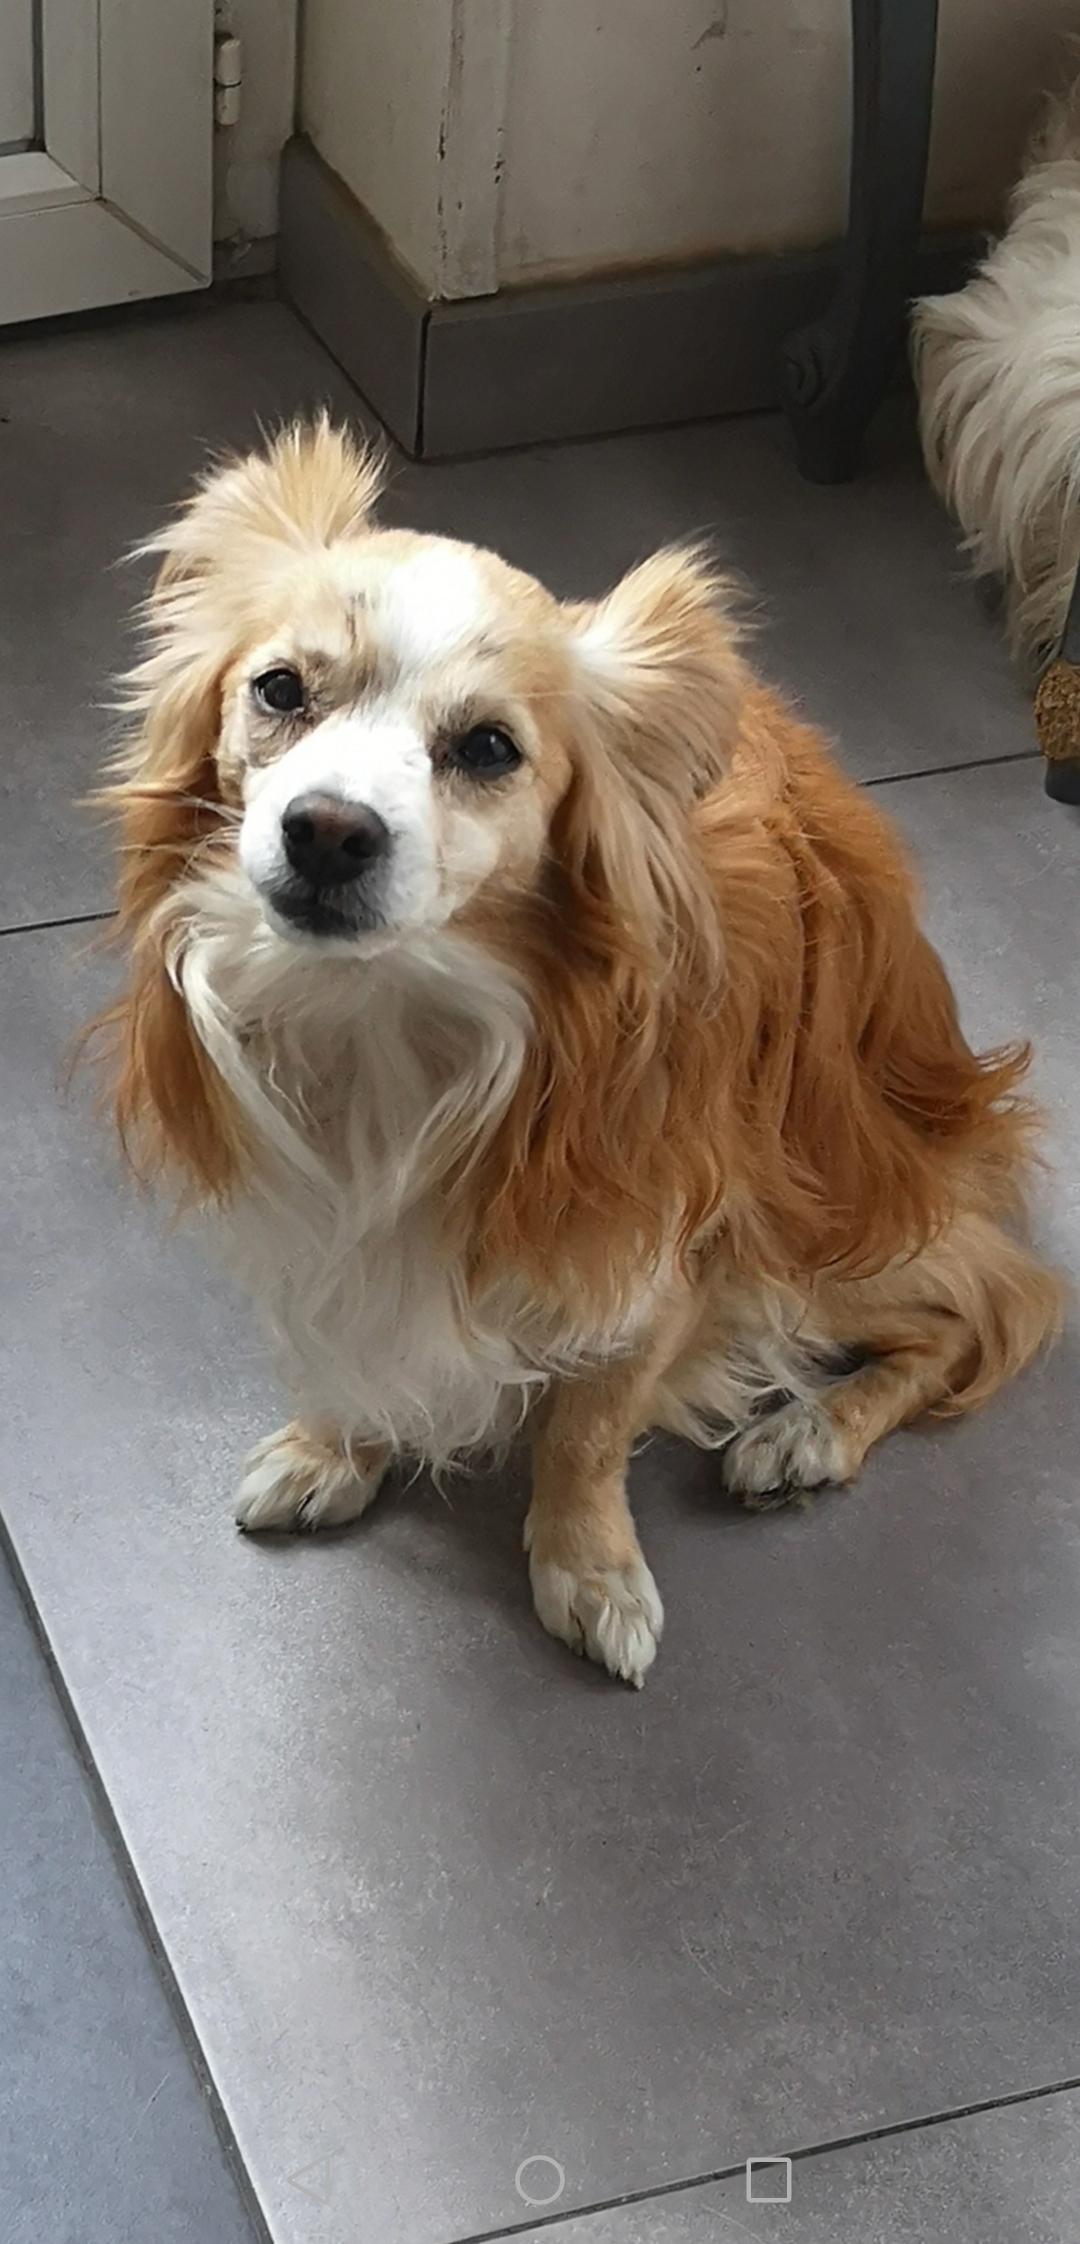 Urgent recherchons familles d'accueil pour chiens/chiots dans le 59 chiens/chiots aux alentours de Marly/Valenciennes